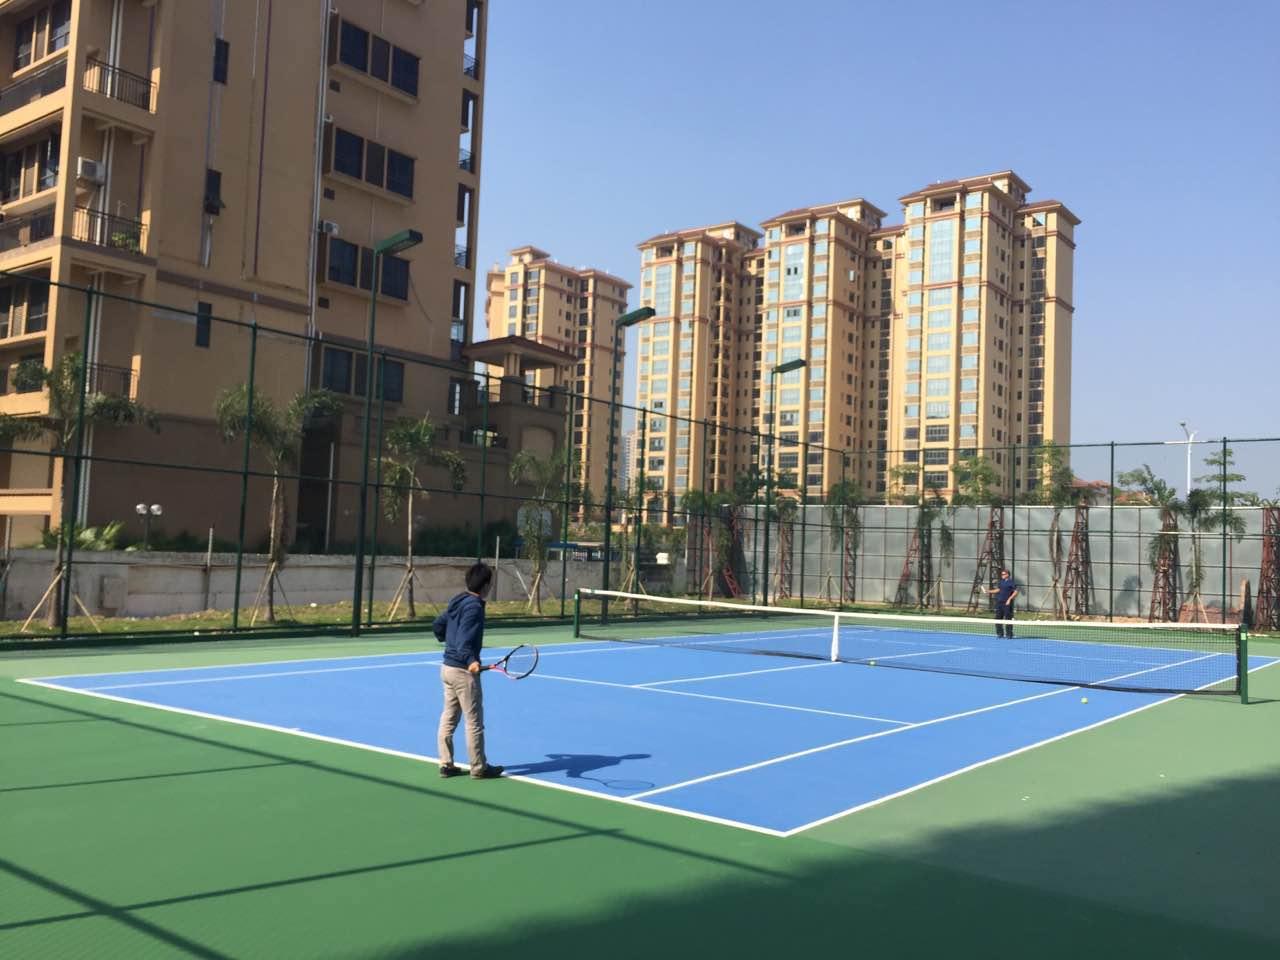 珠海市斗门区香水鸿门小区-丙烯酸网球场及配套设施工程